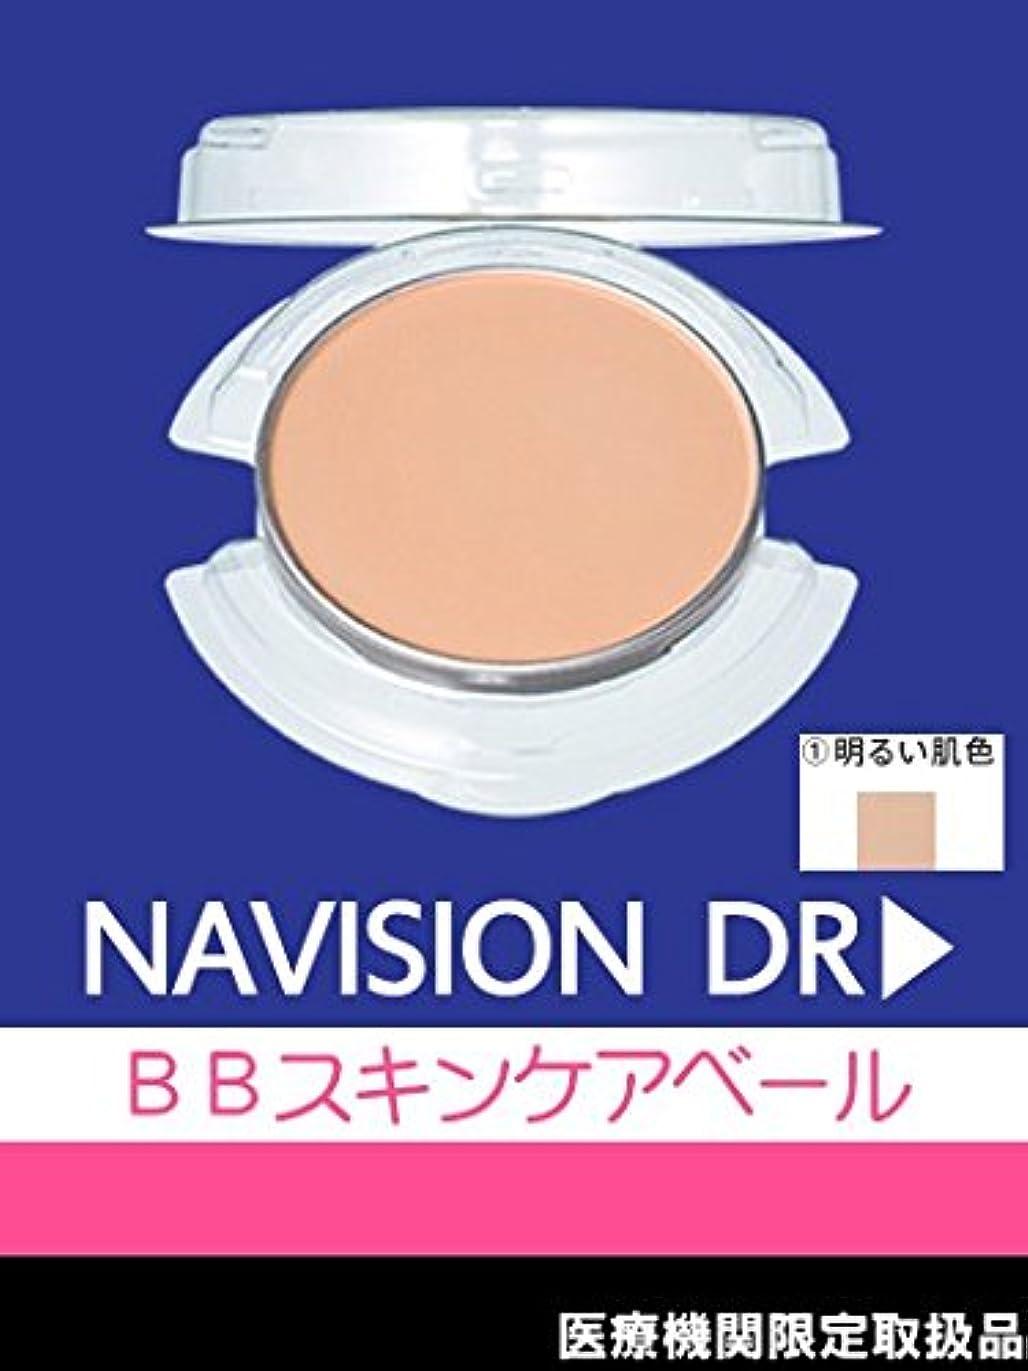 クレジットヒント肝NAVISION DR? ナビジョンDR BBスキンケアベール ①明るい肌色(レフィルのみ)9.5g【医療機関限定取扱品】